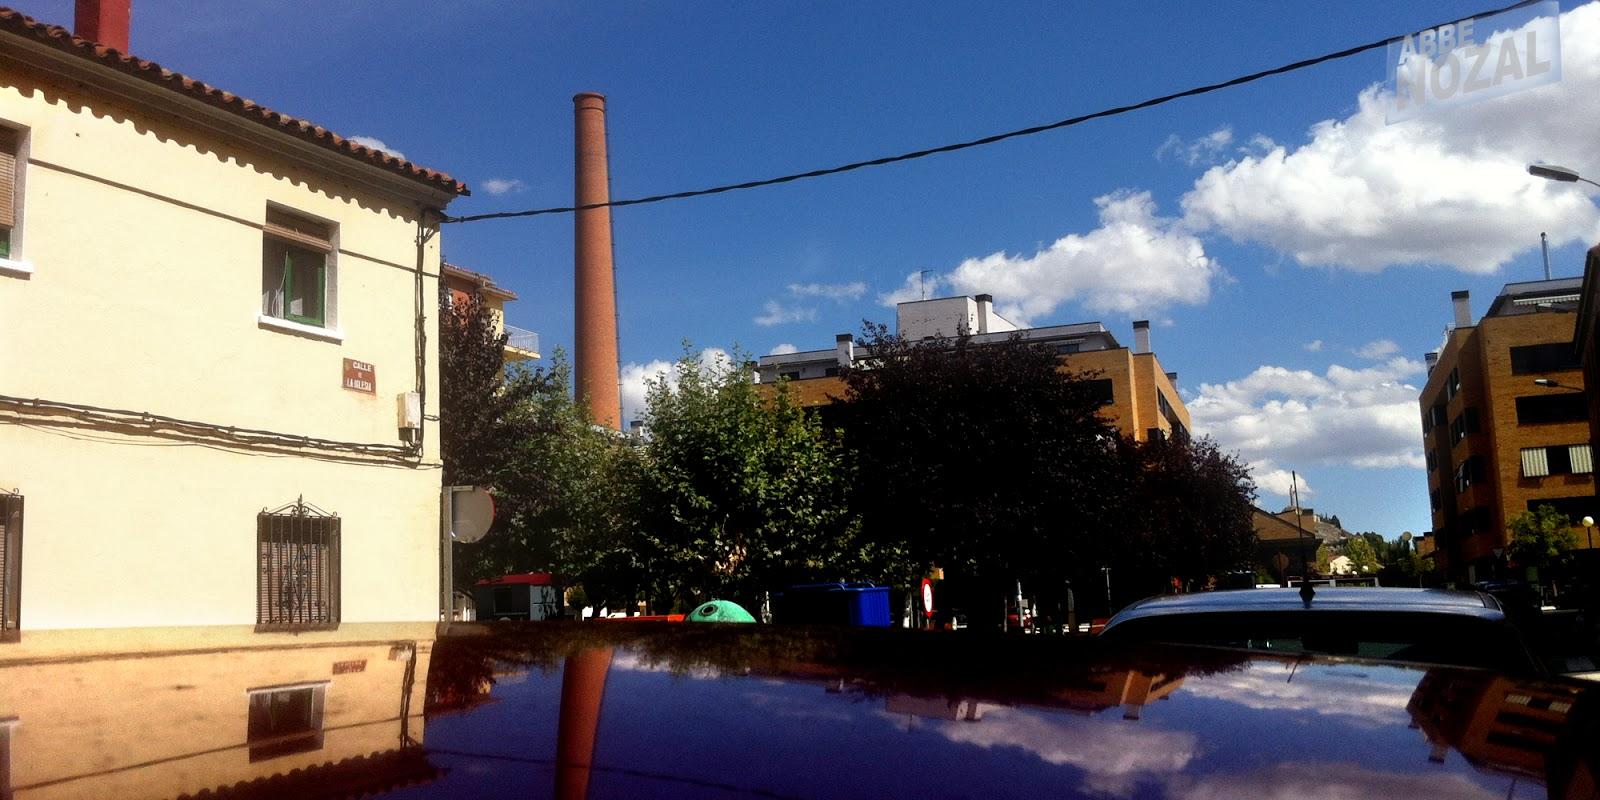 Cable con chimenea al fondo, 2014 Abbé Nozal